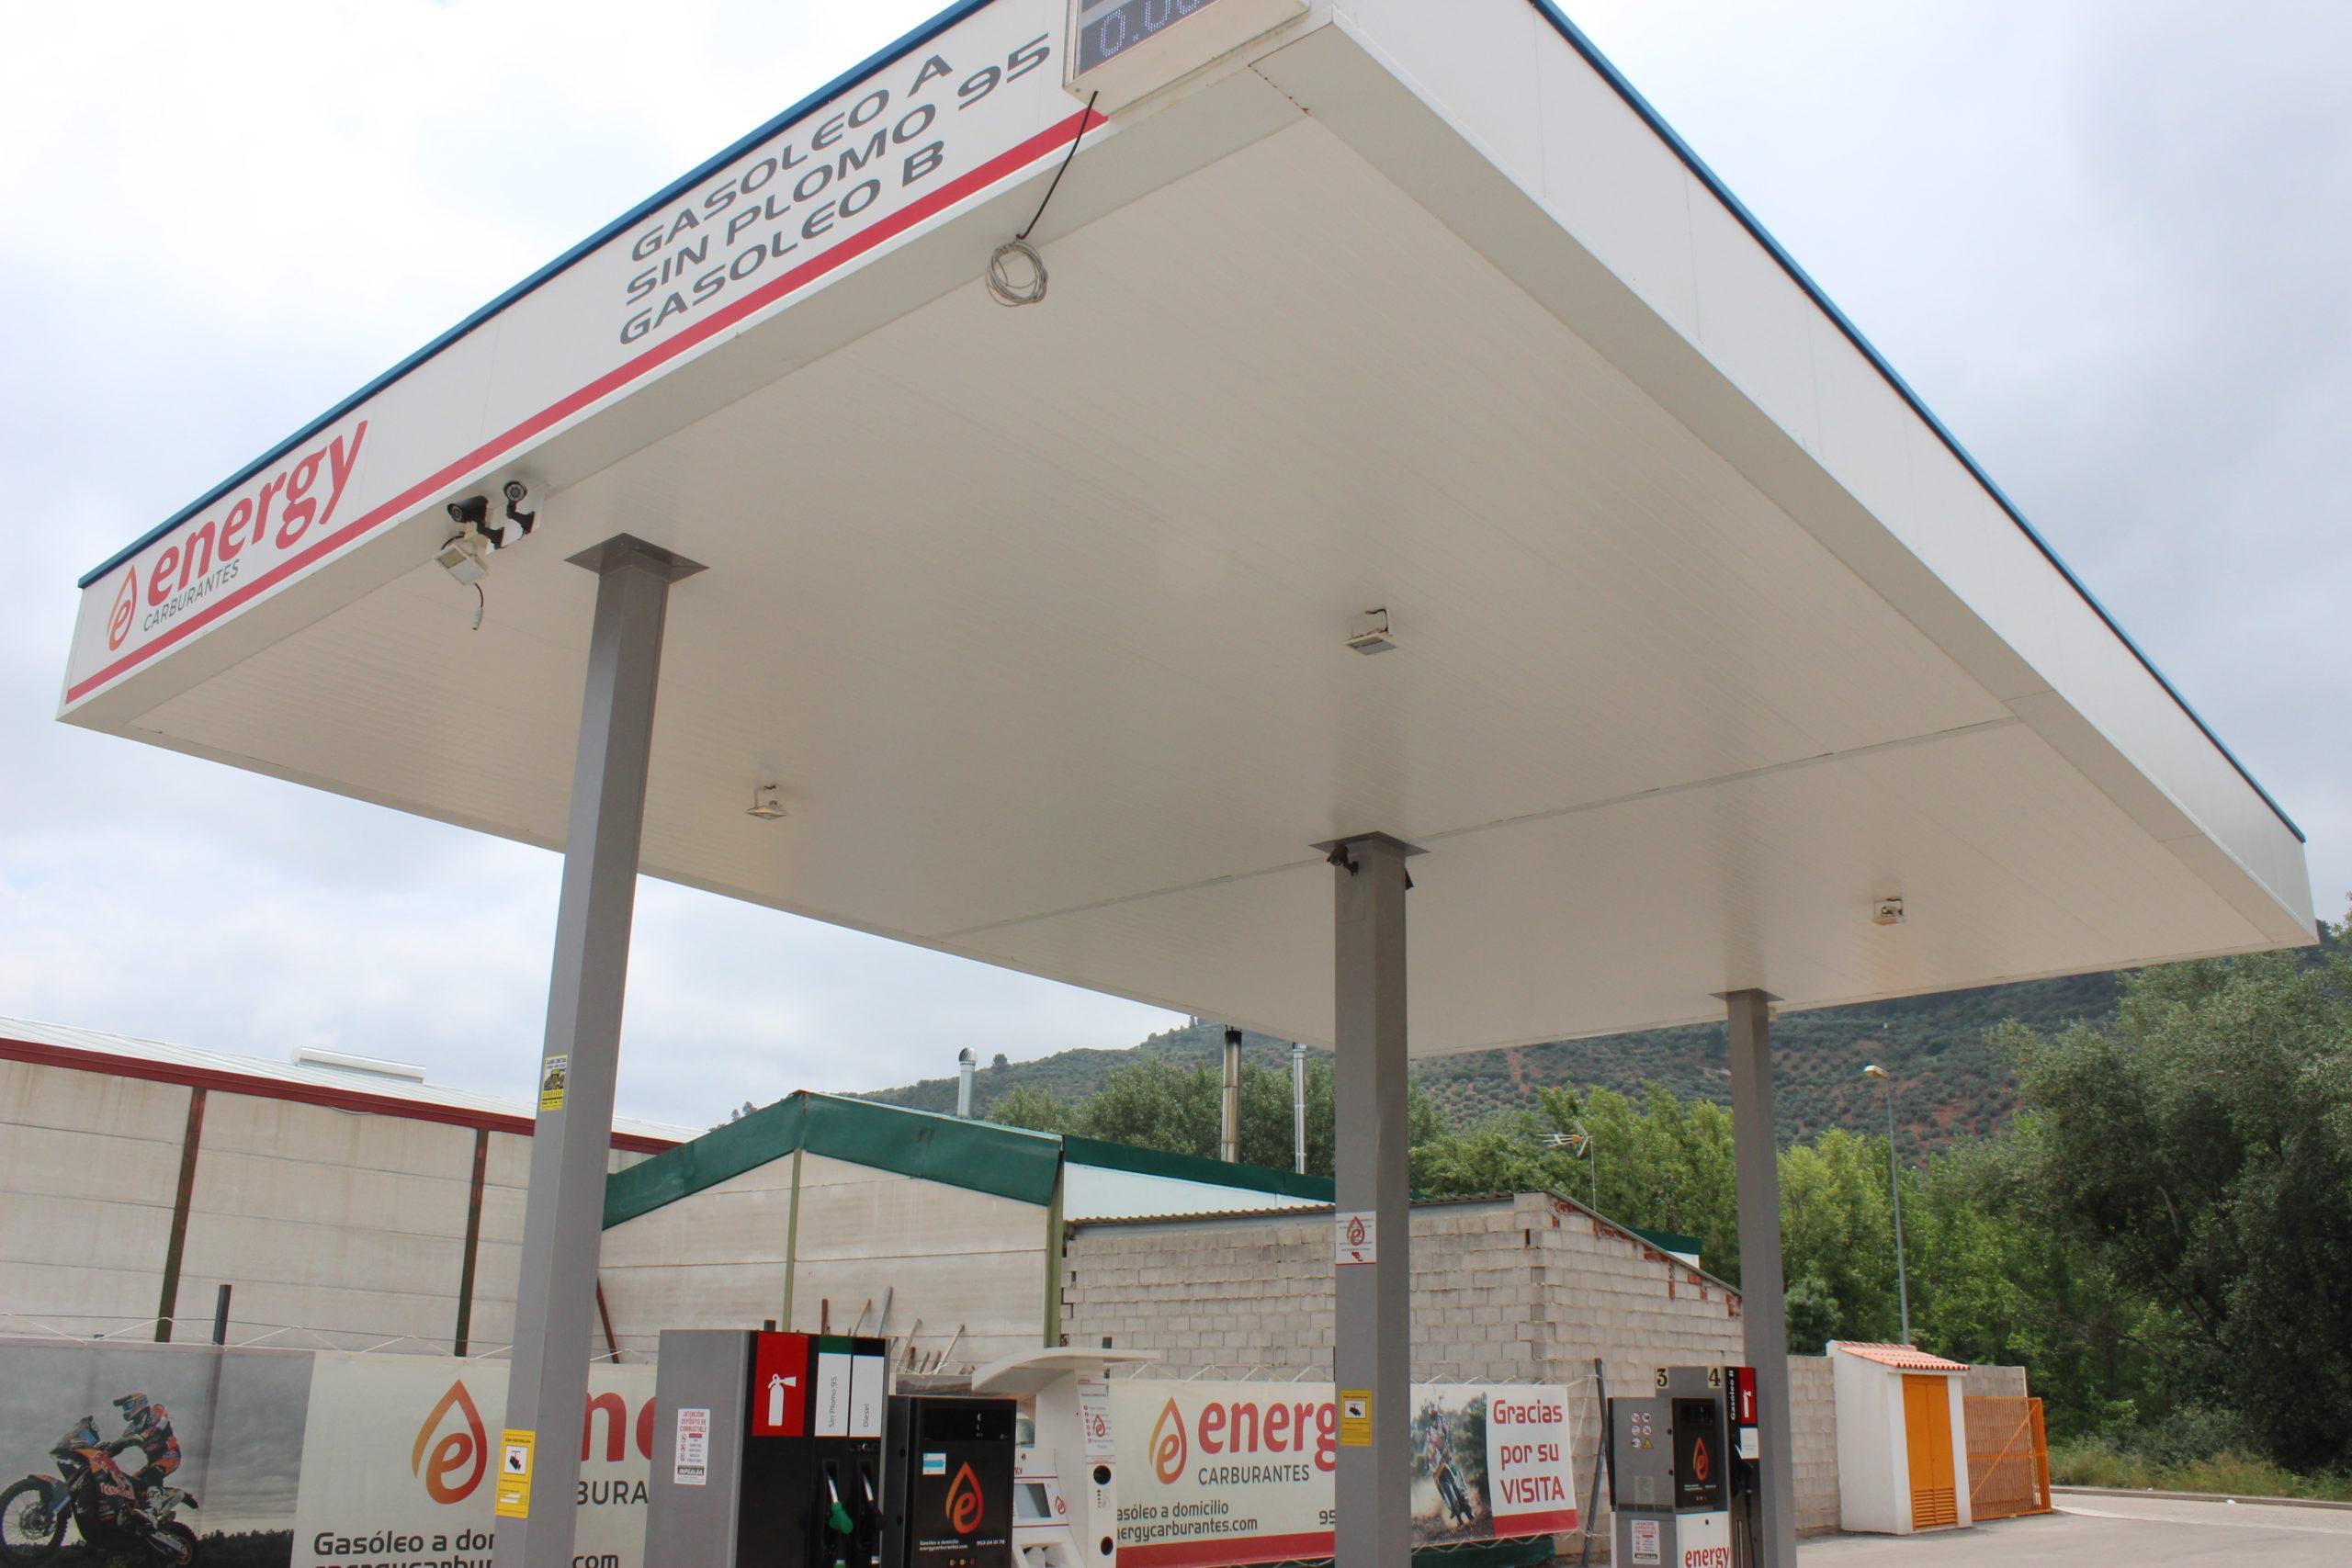 Gasolinera Puerta De Segura 2